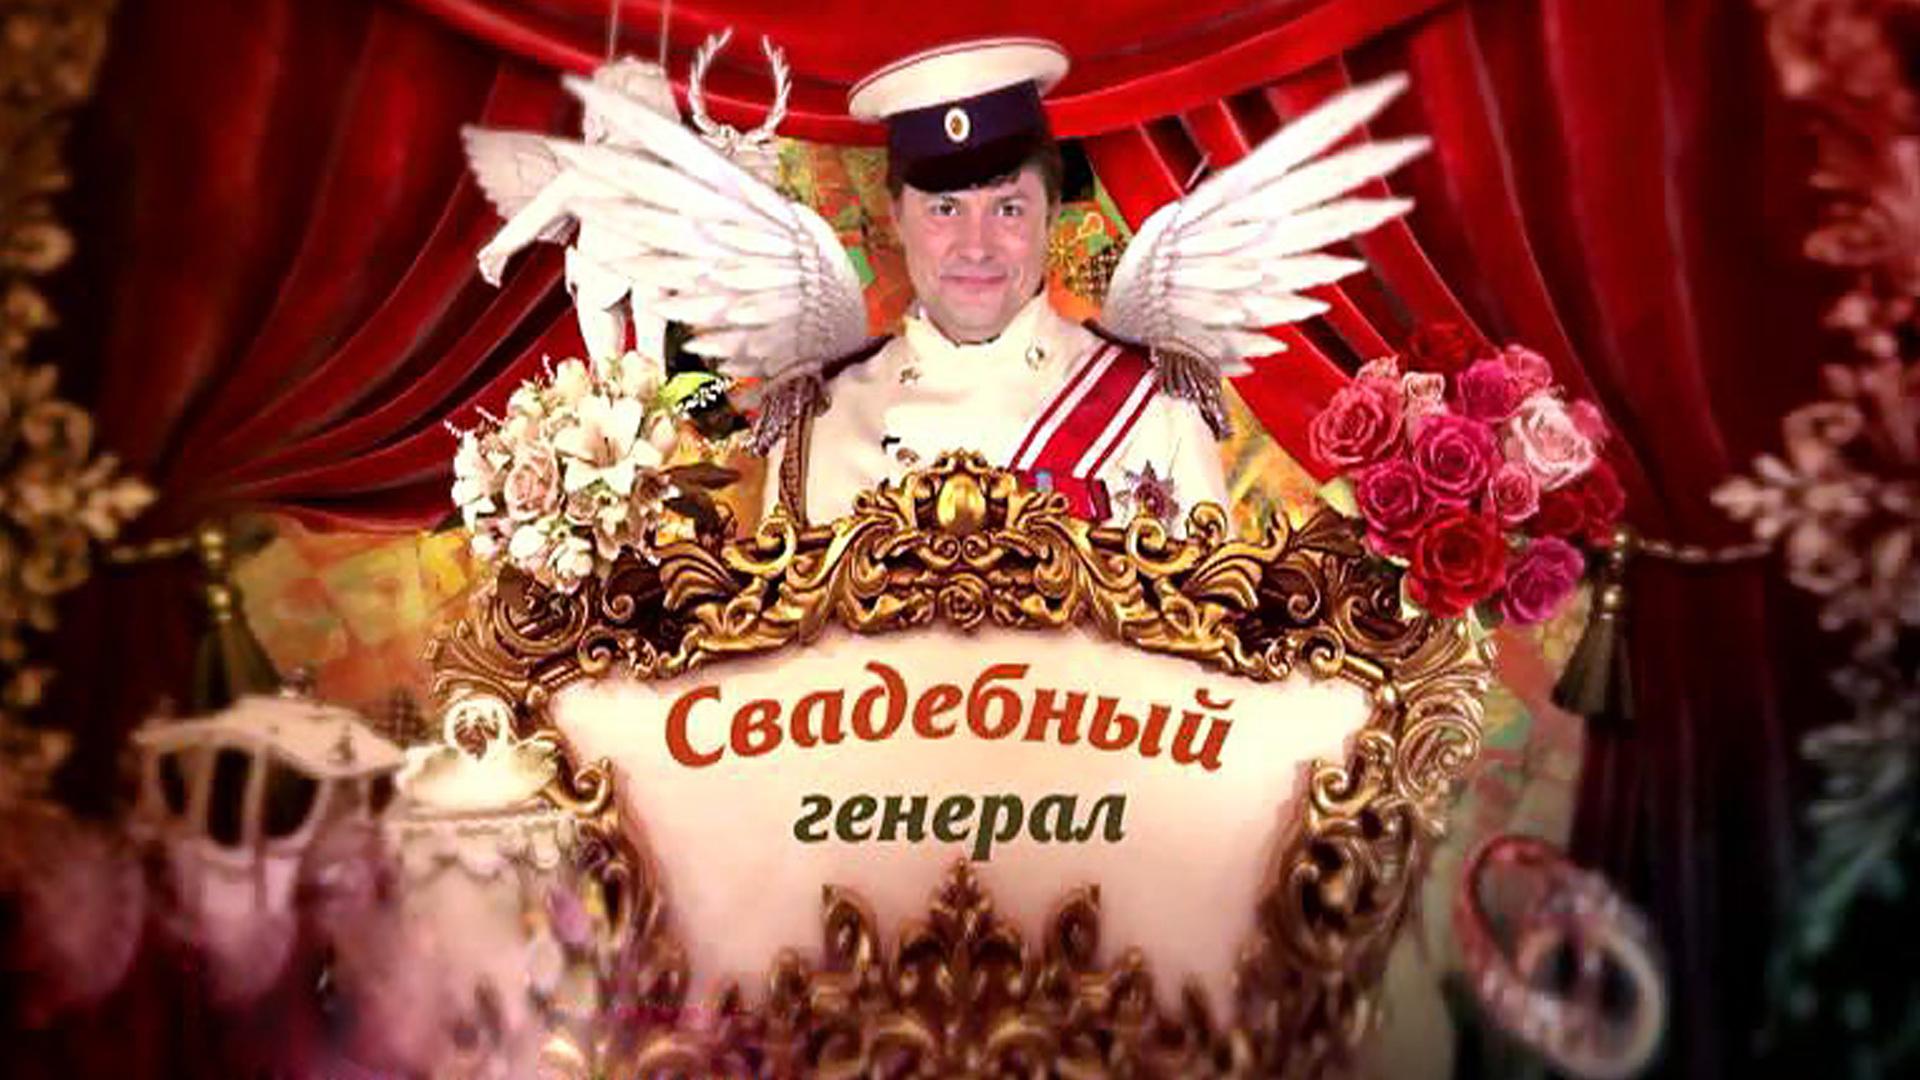 Свадебный генерал